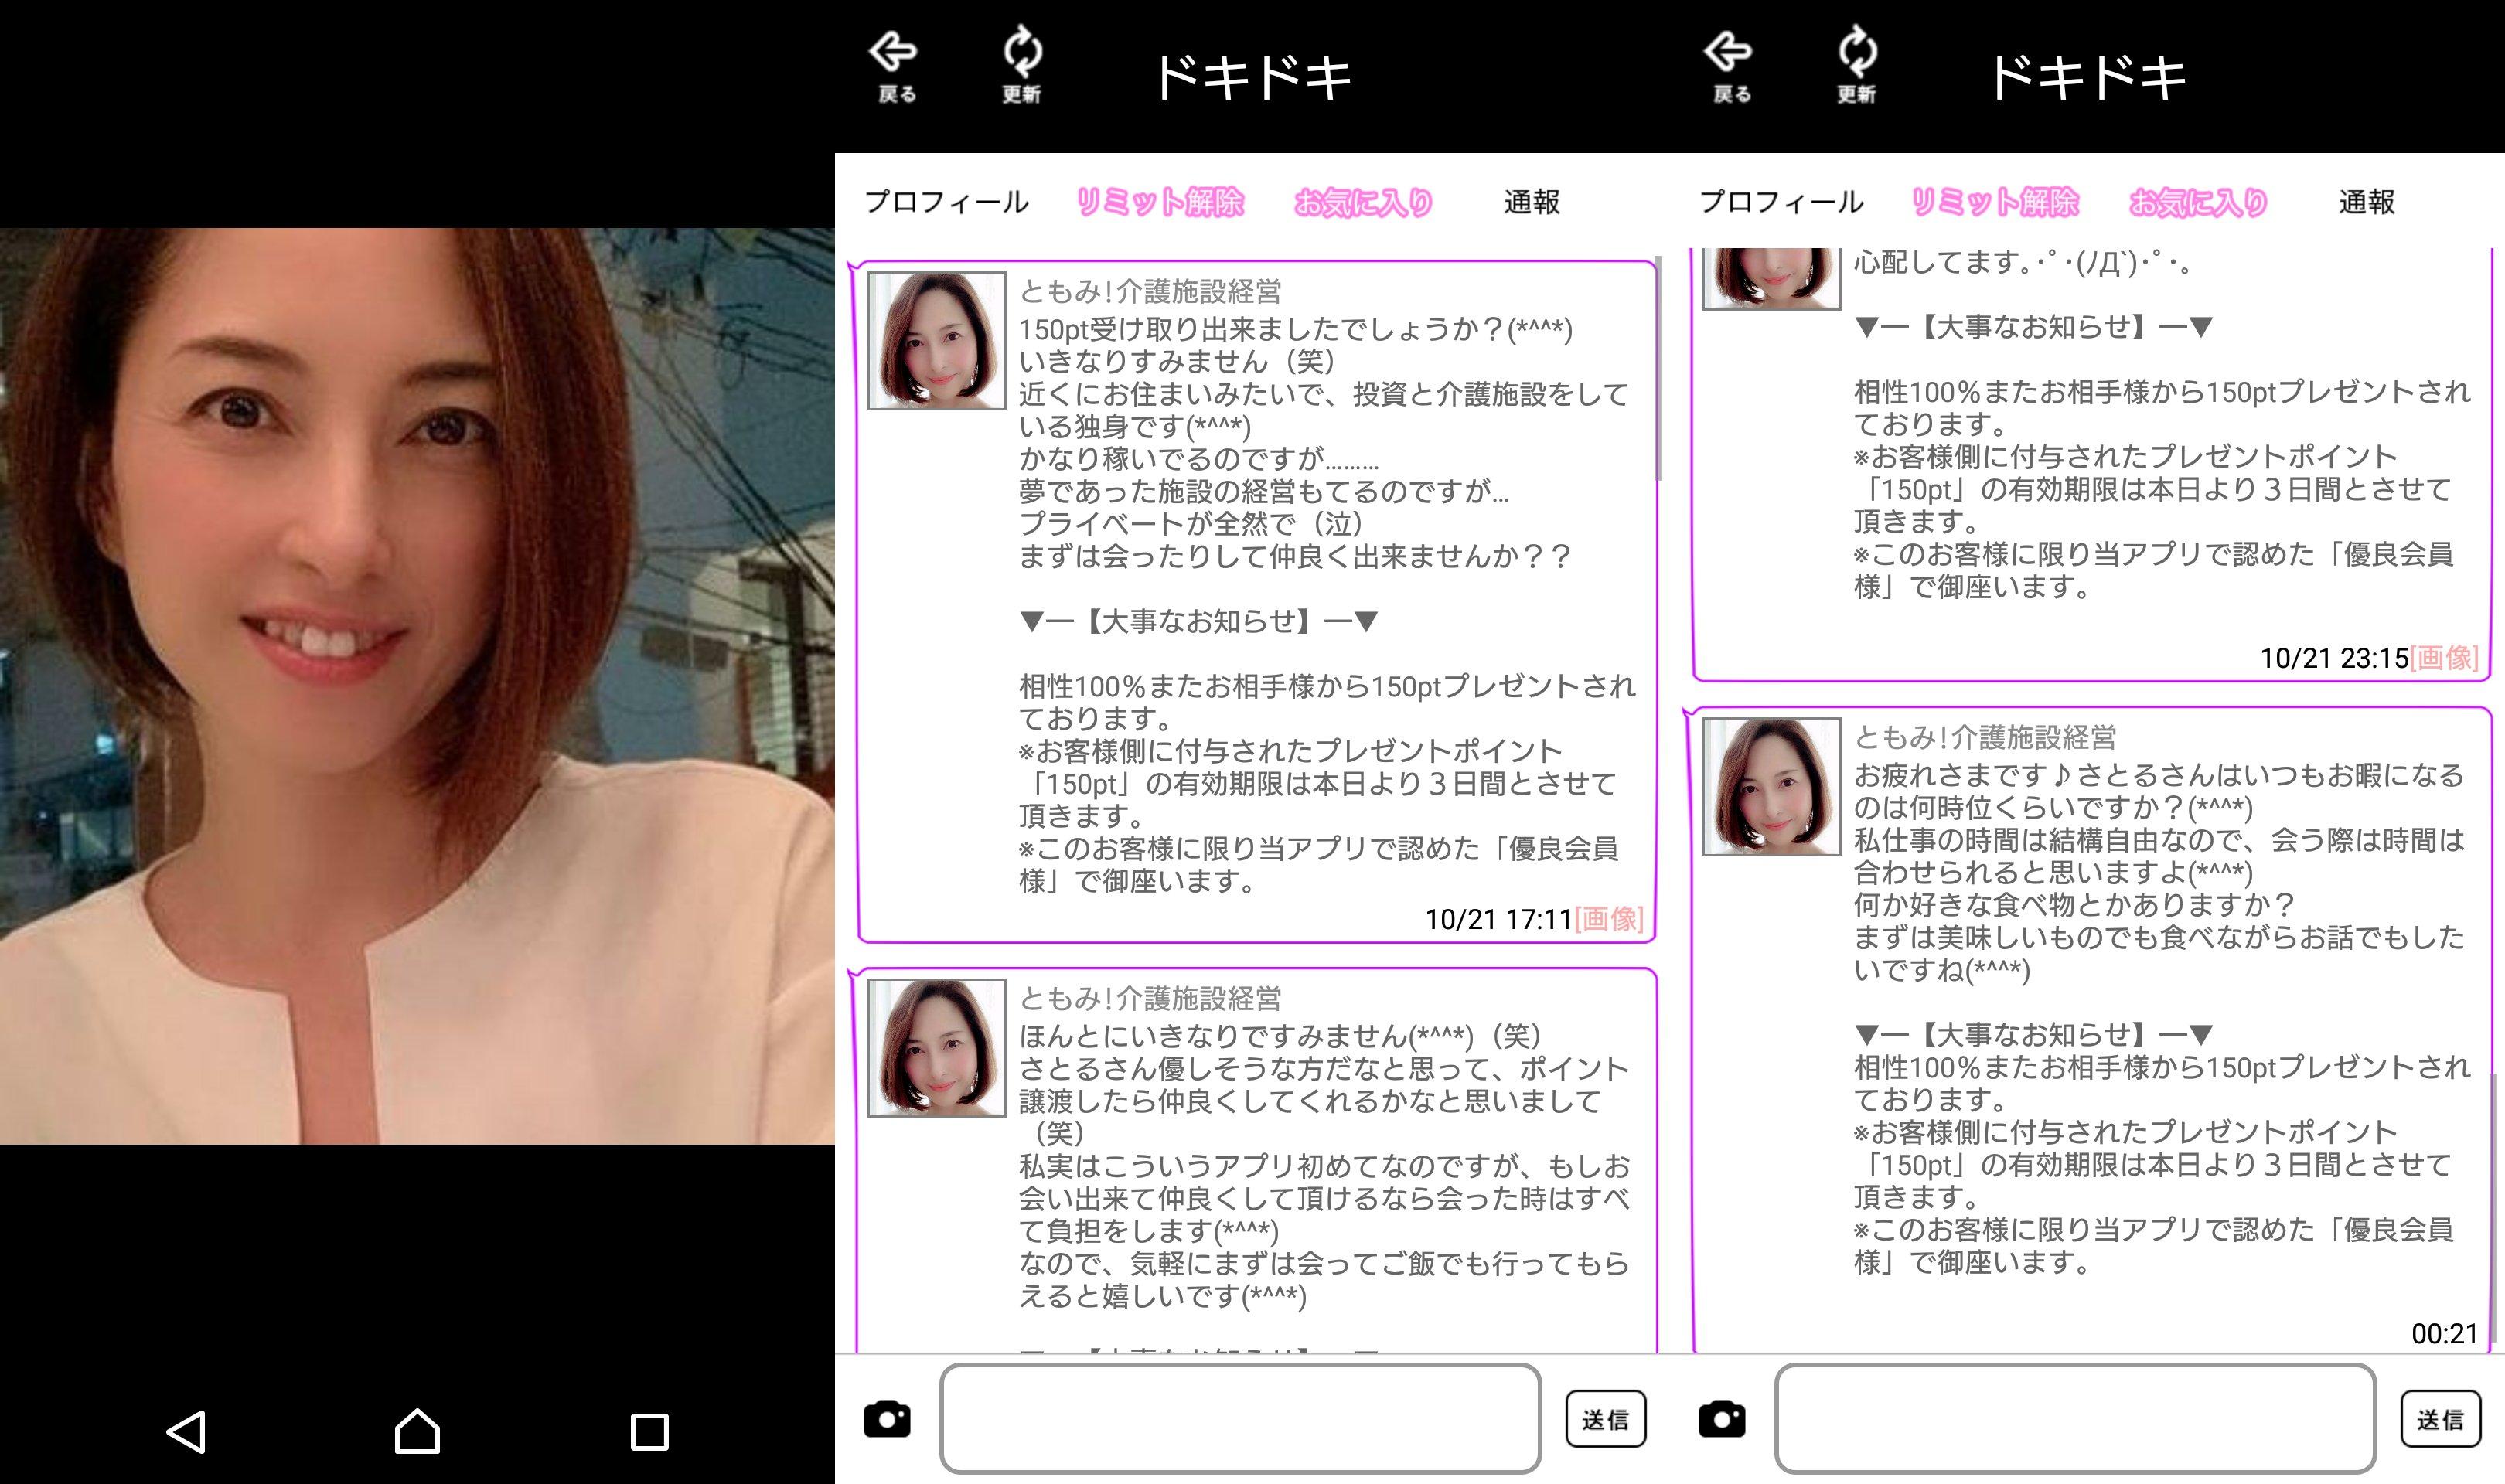 サクラ詐欺出会い系アプリ「ドキドキ」サクラのともみ!介護施設経営者